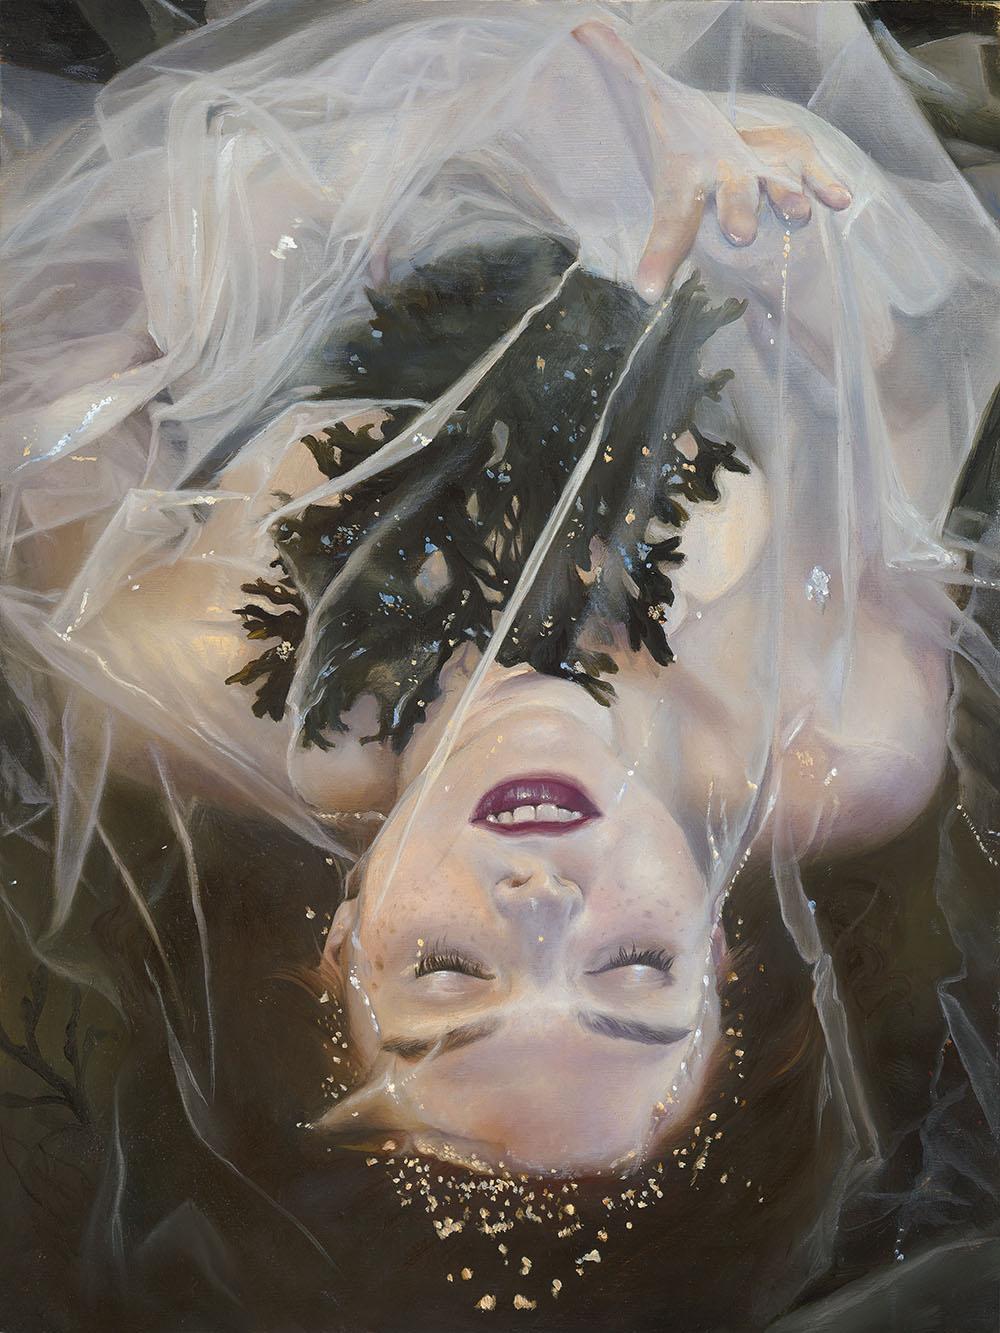 Чувственность и искушение в работах Кари-Лиз Александр